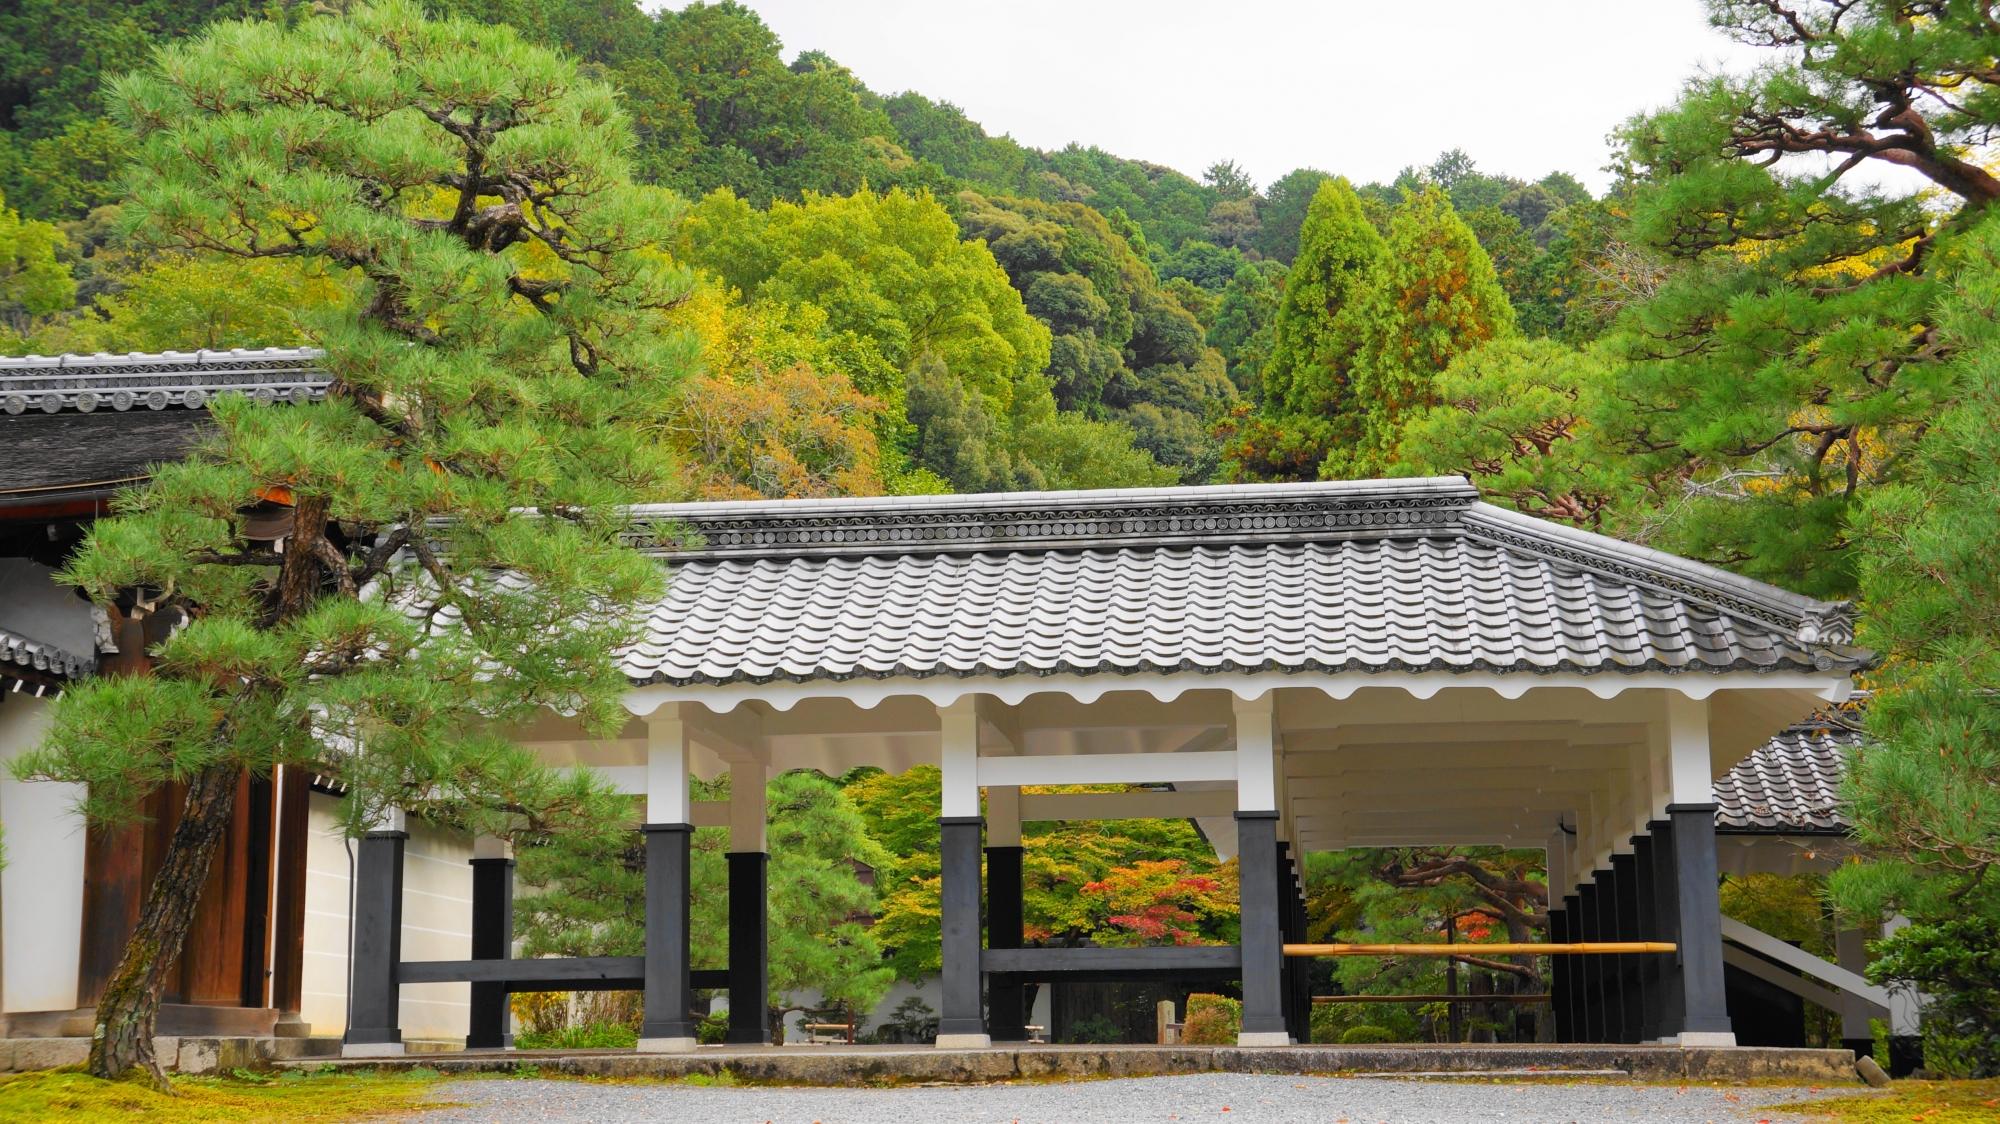 南禅寺の法堂~方丈の回廊と青もみじ